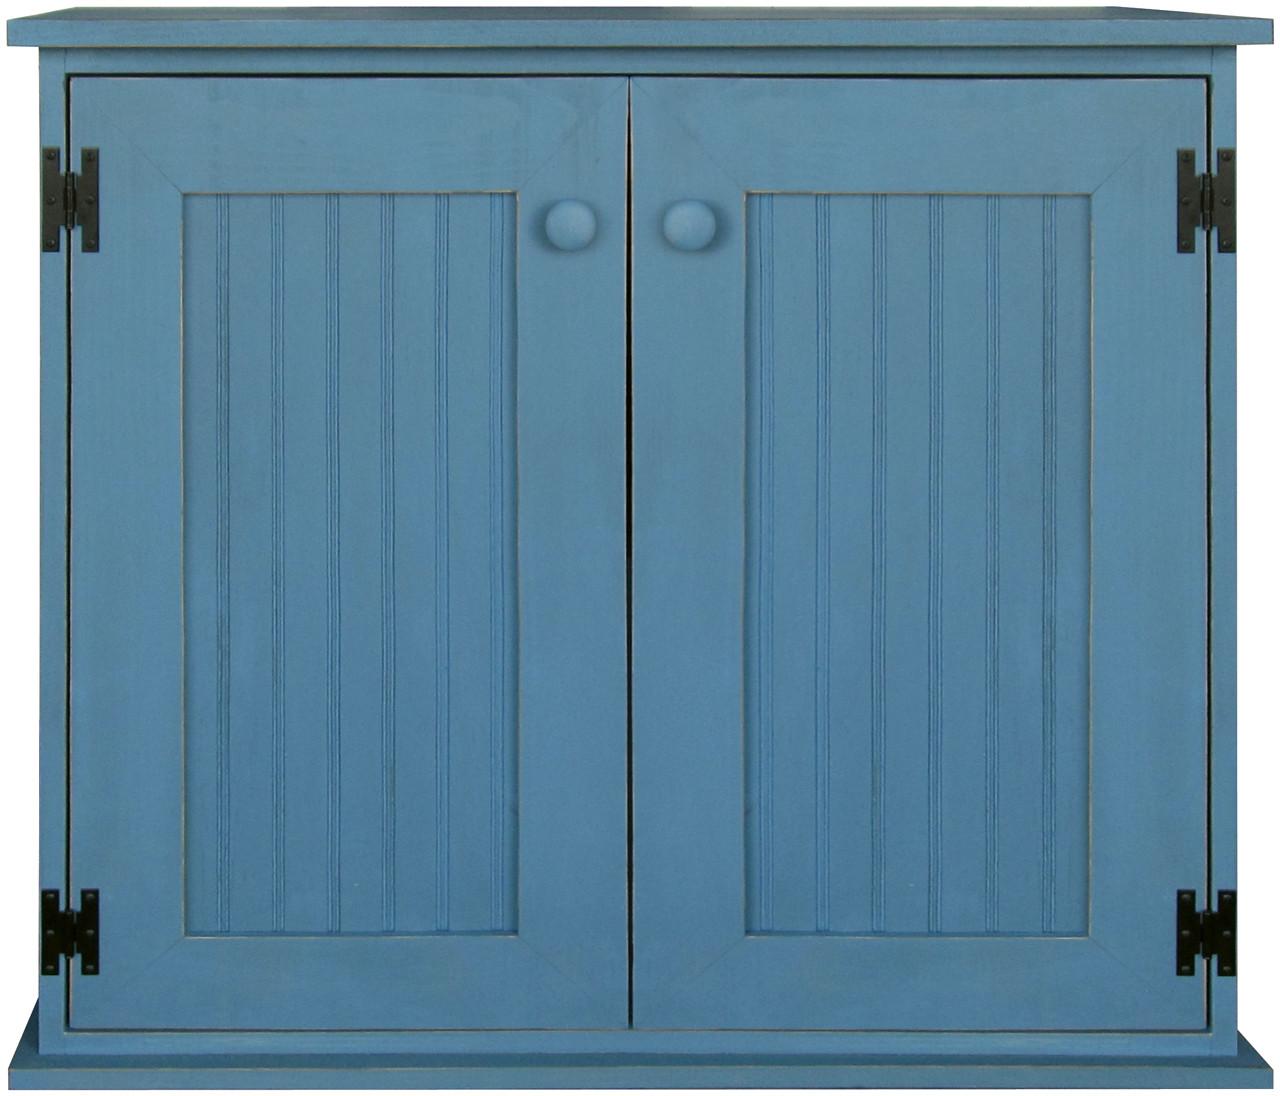 Low Bookcases With Doors: Short Bookshelf With Doors